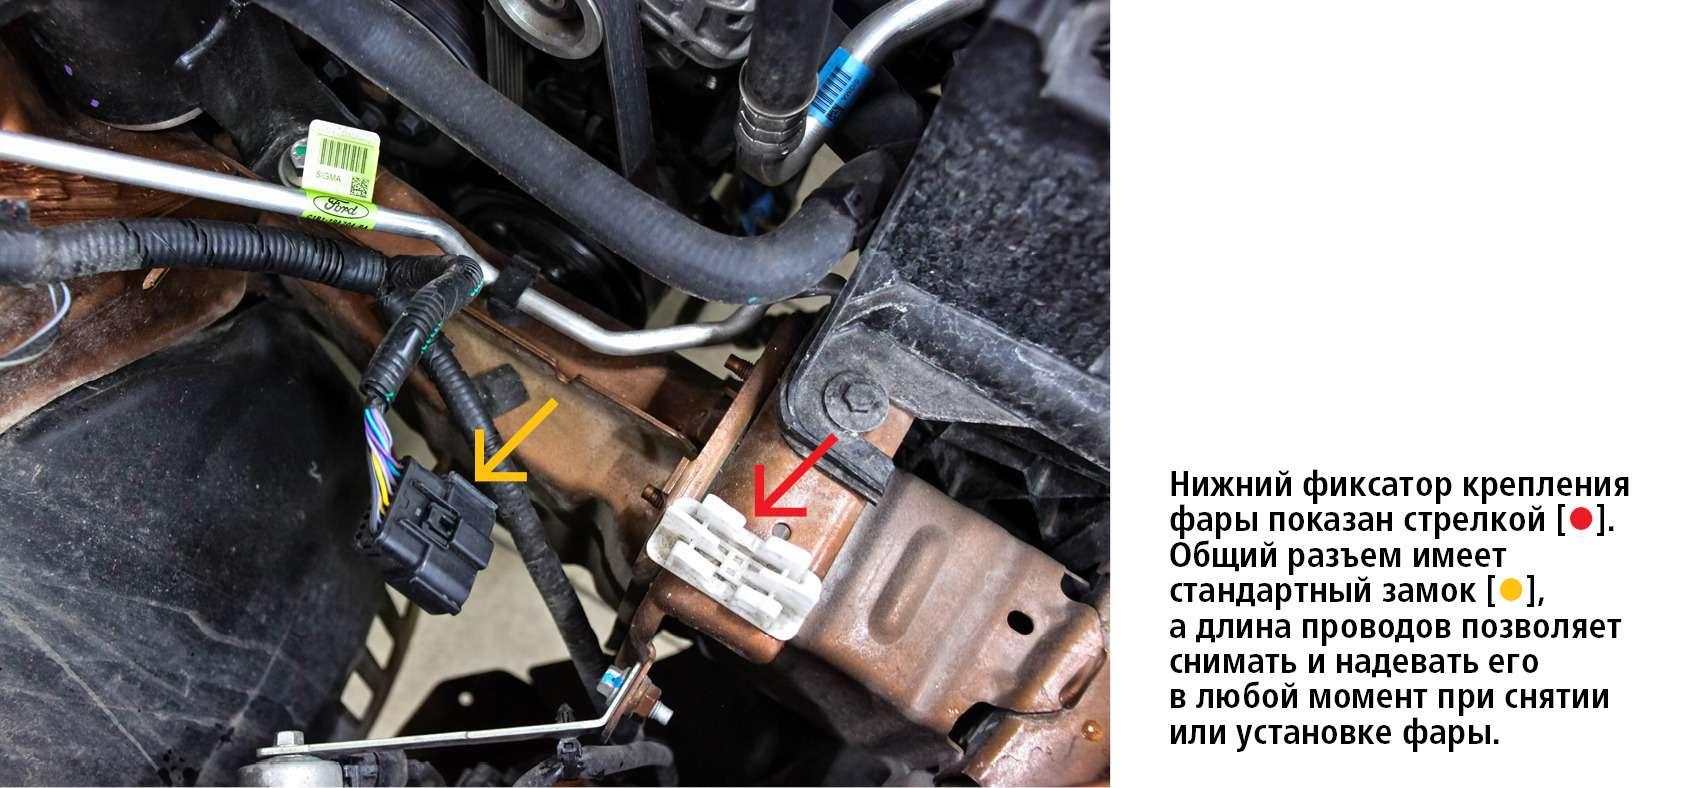 Ford Fiesta: проверка наремонтопригодность— фото 610311